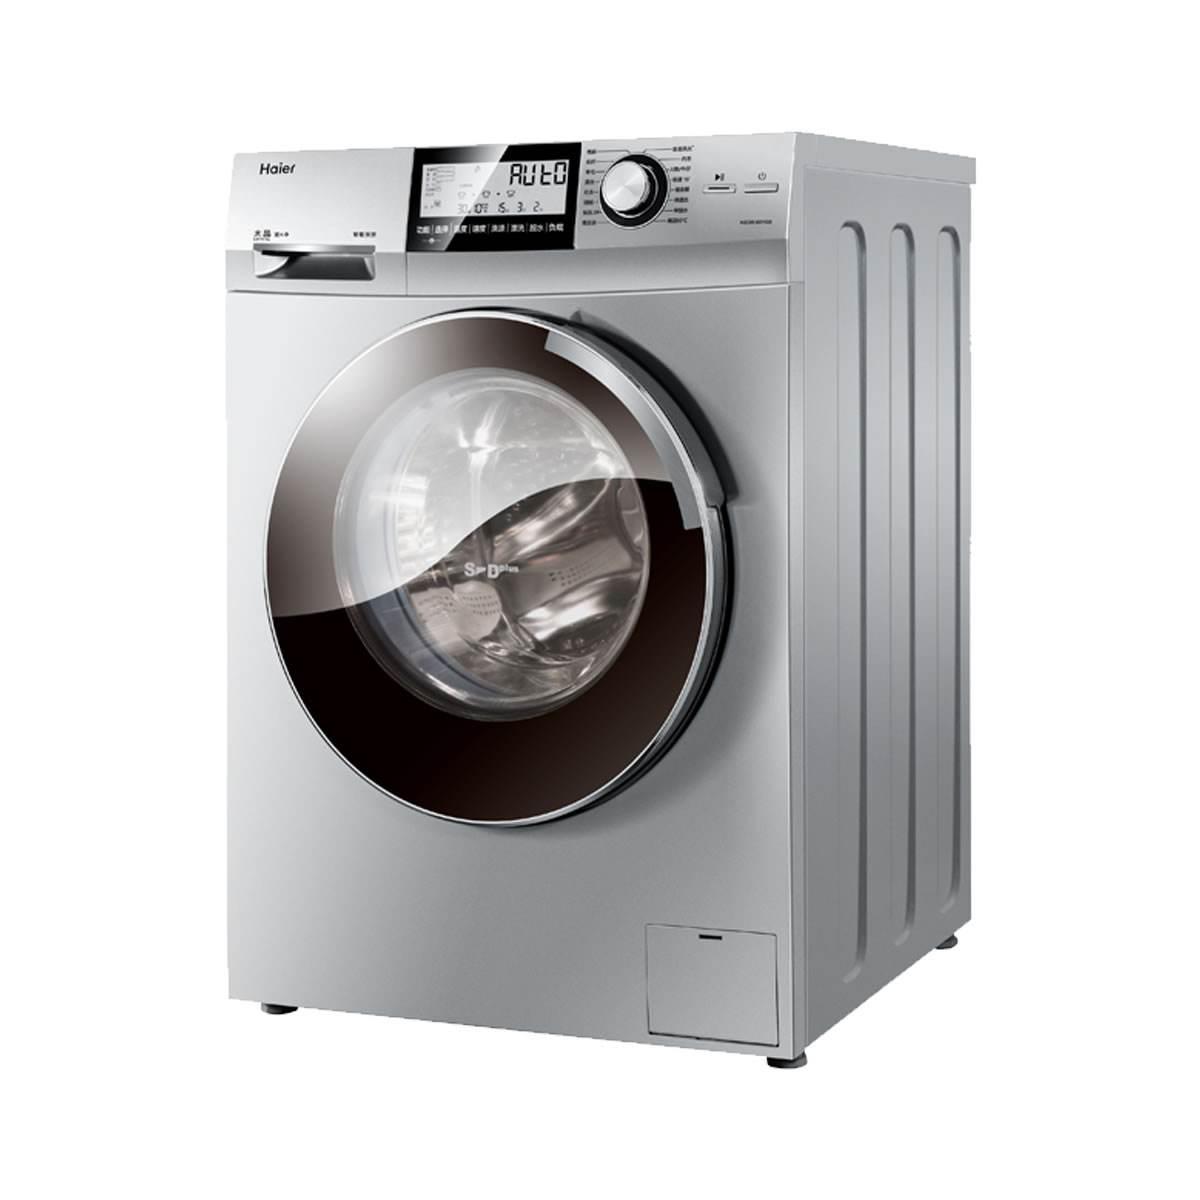 惠而浦洗衣机维修电话,洗衣机